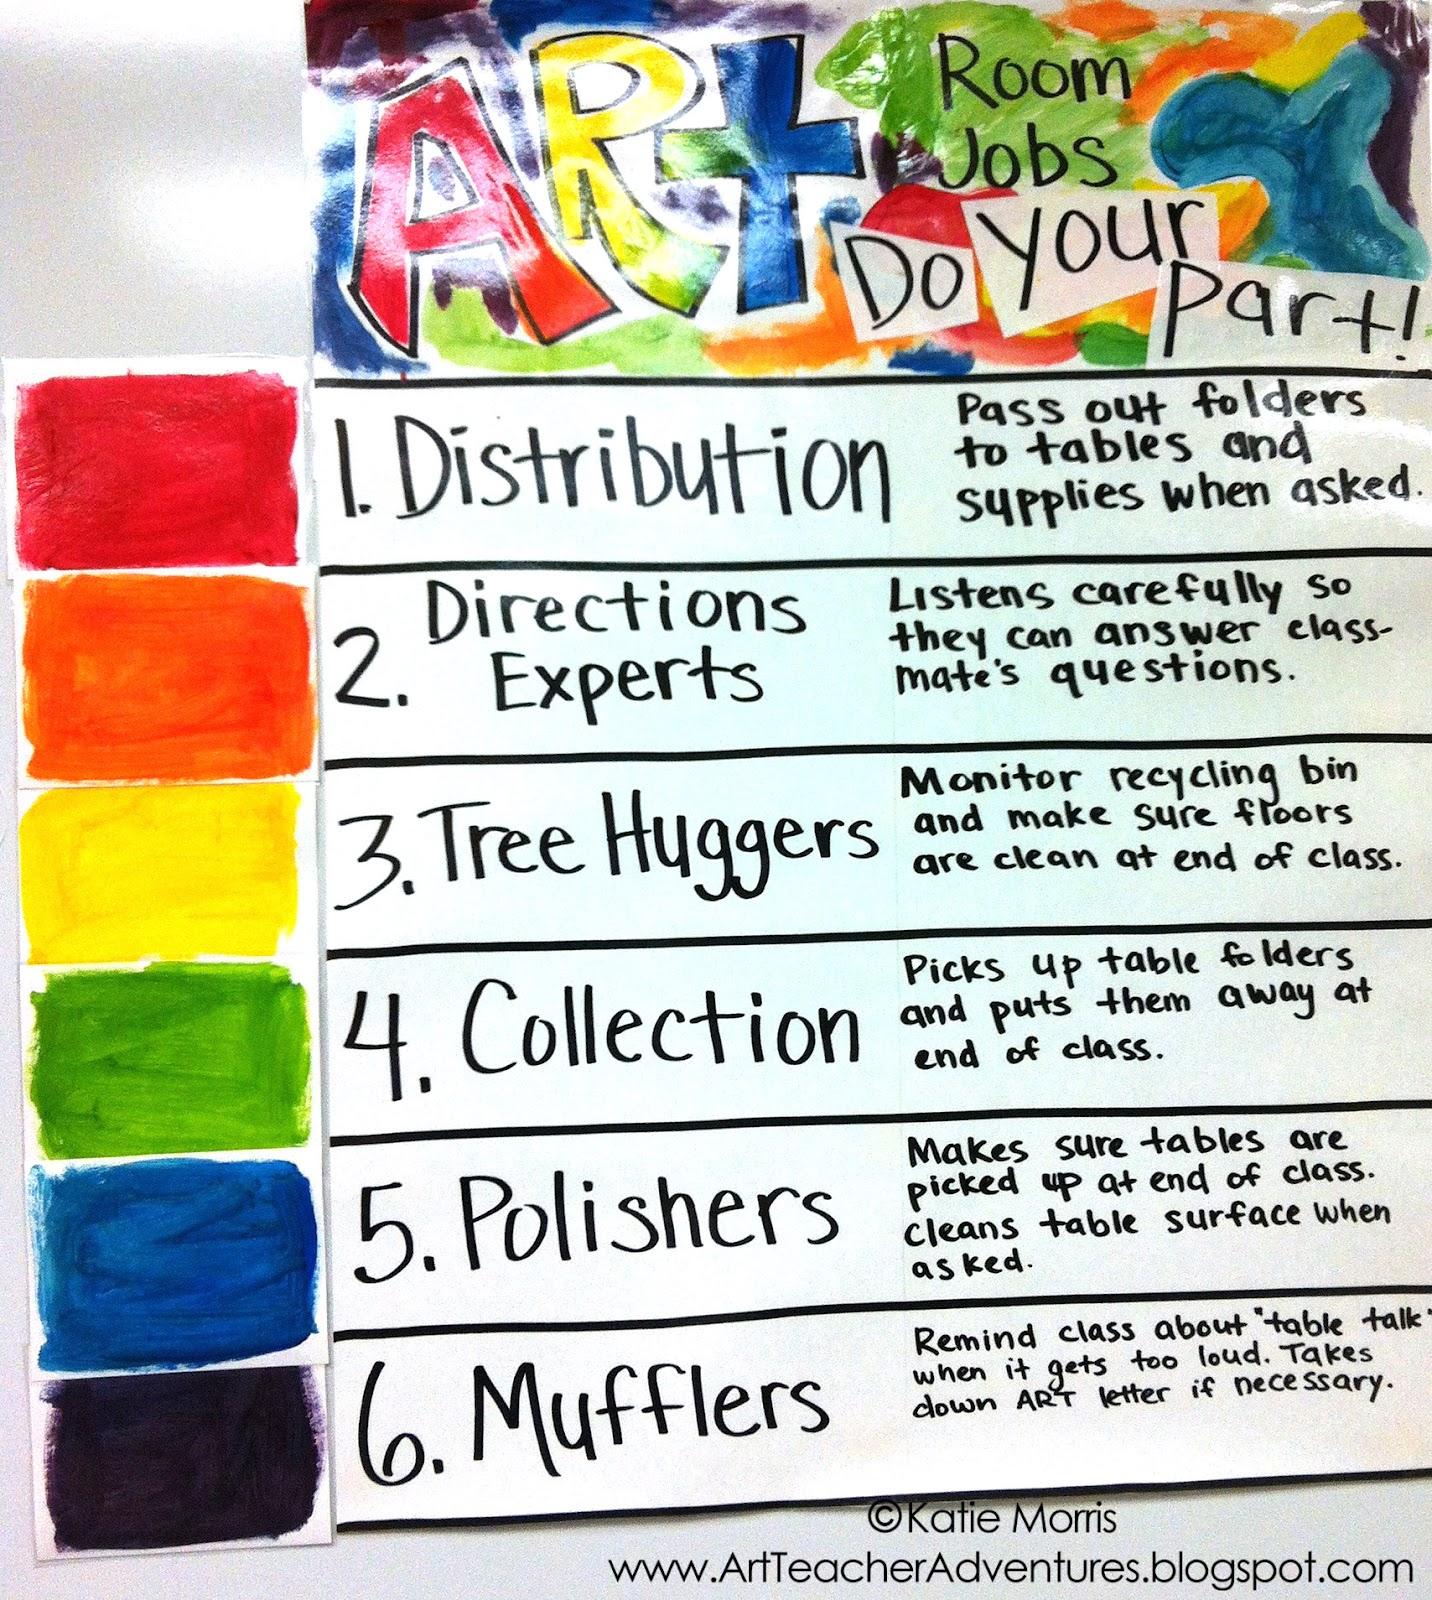 Adventures Of An Art Teacher Art Room Jobs